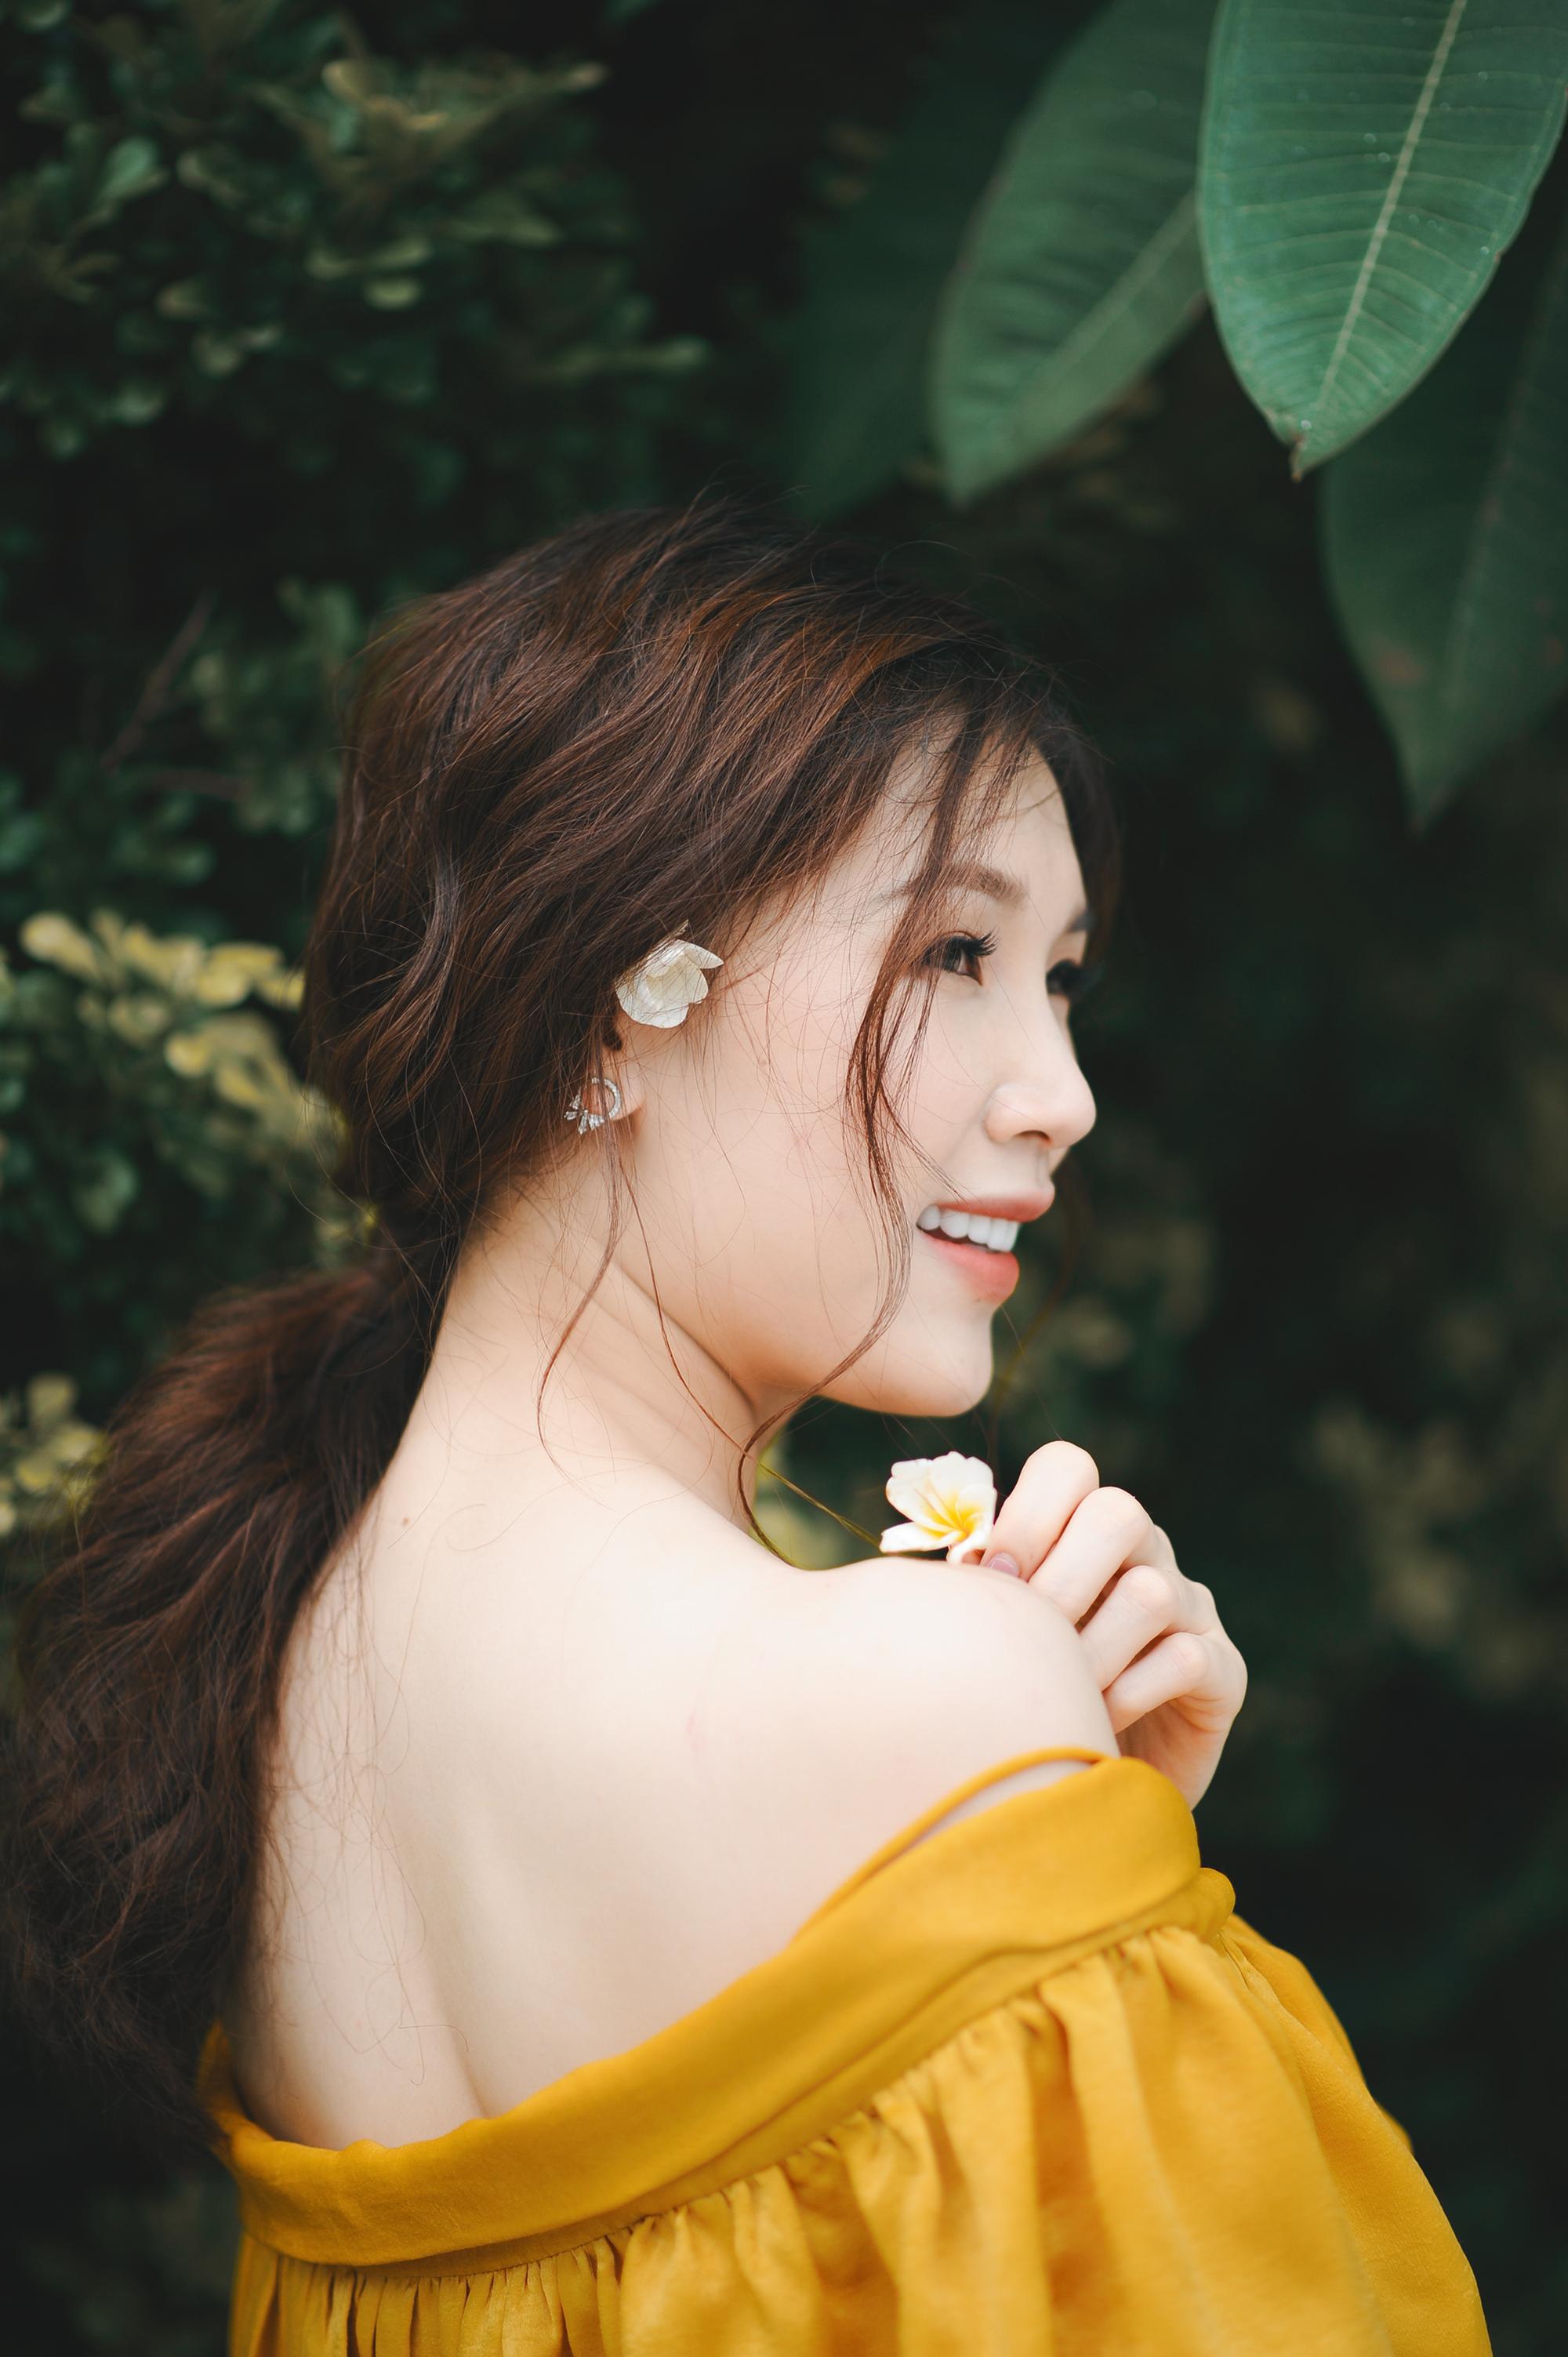 Dọa bị sảy thai, từng bị băng huyết, Hoa hậu Phí Thùy Linh vẫn ước ao sinh thêm con - Ảnh 7.